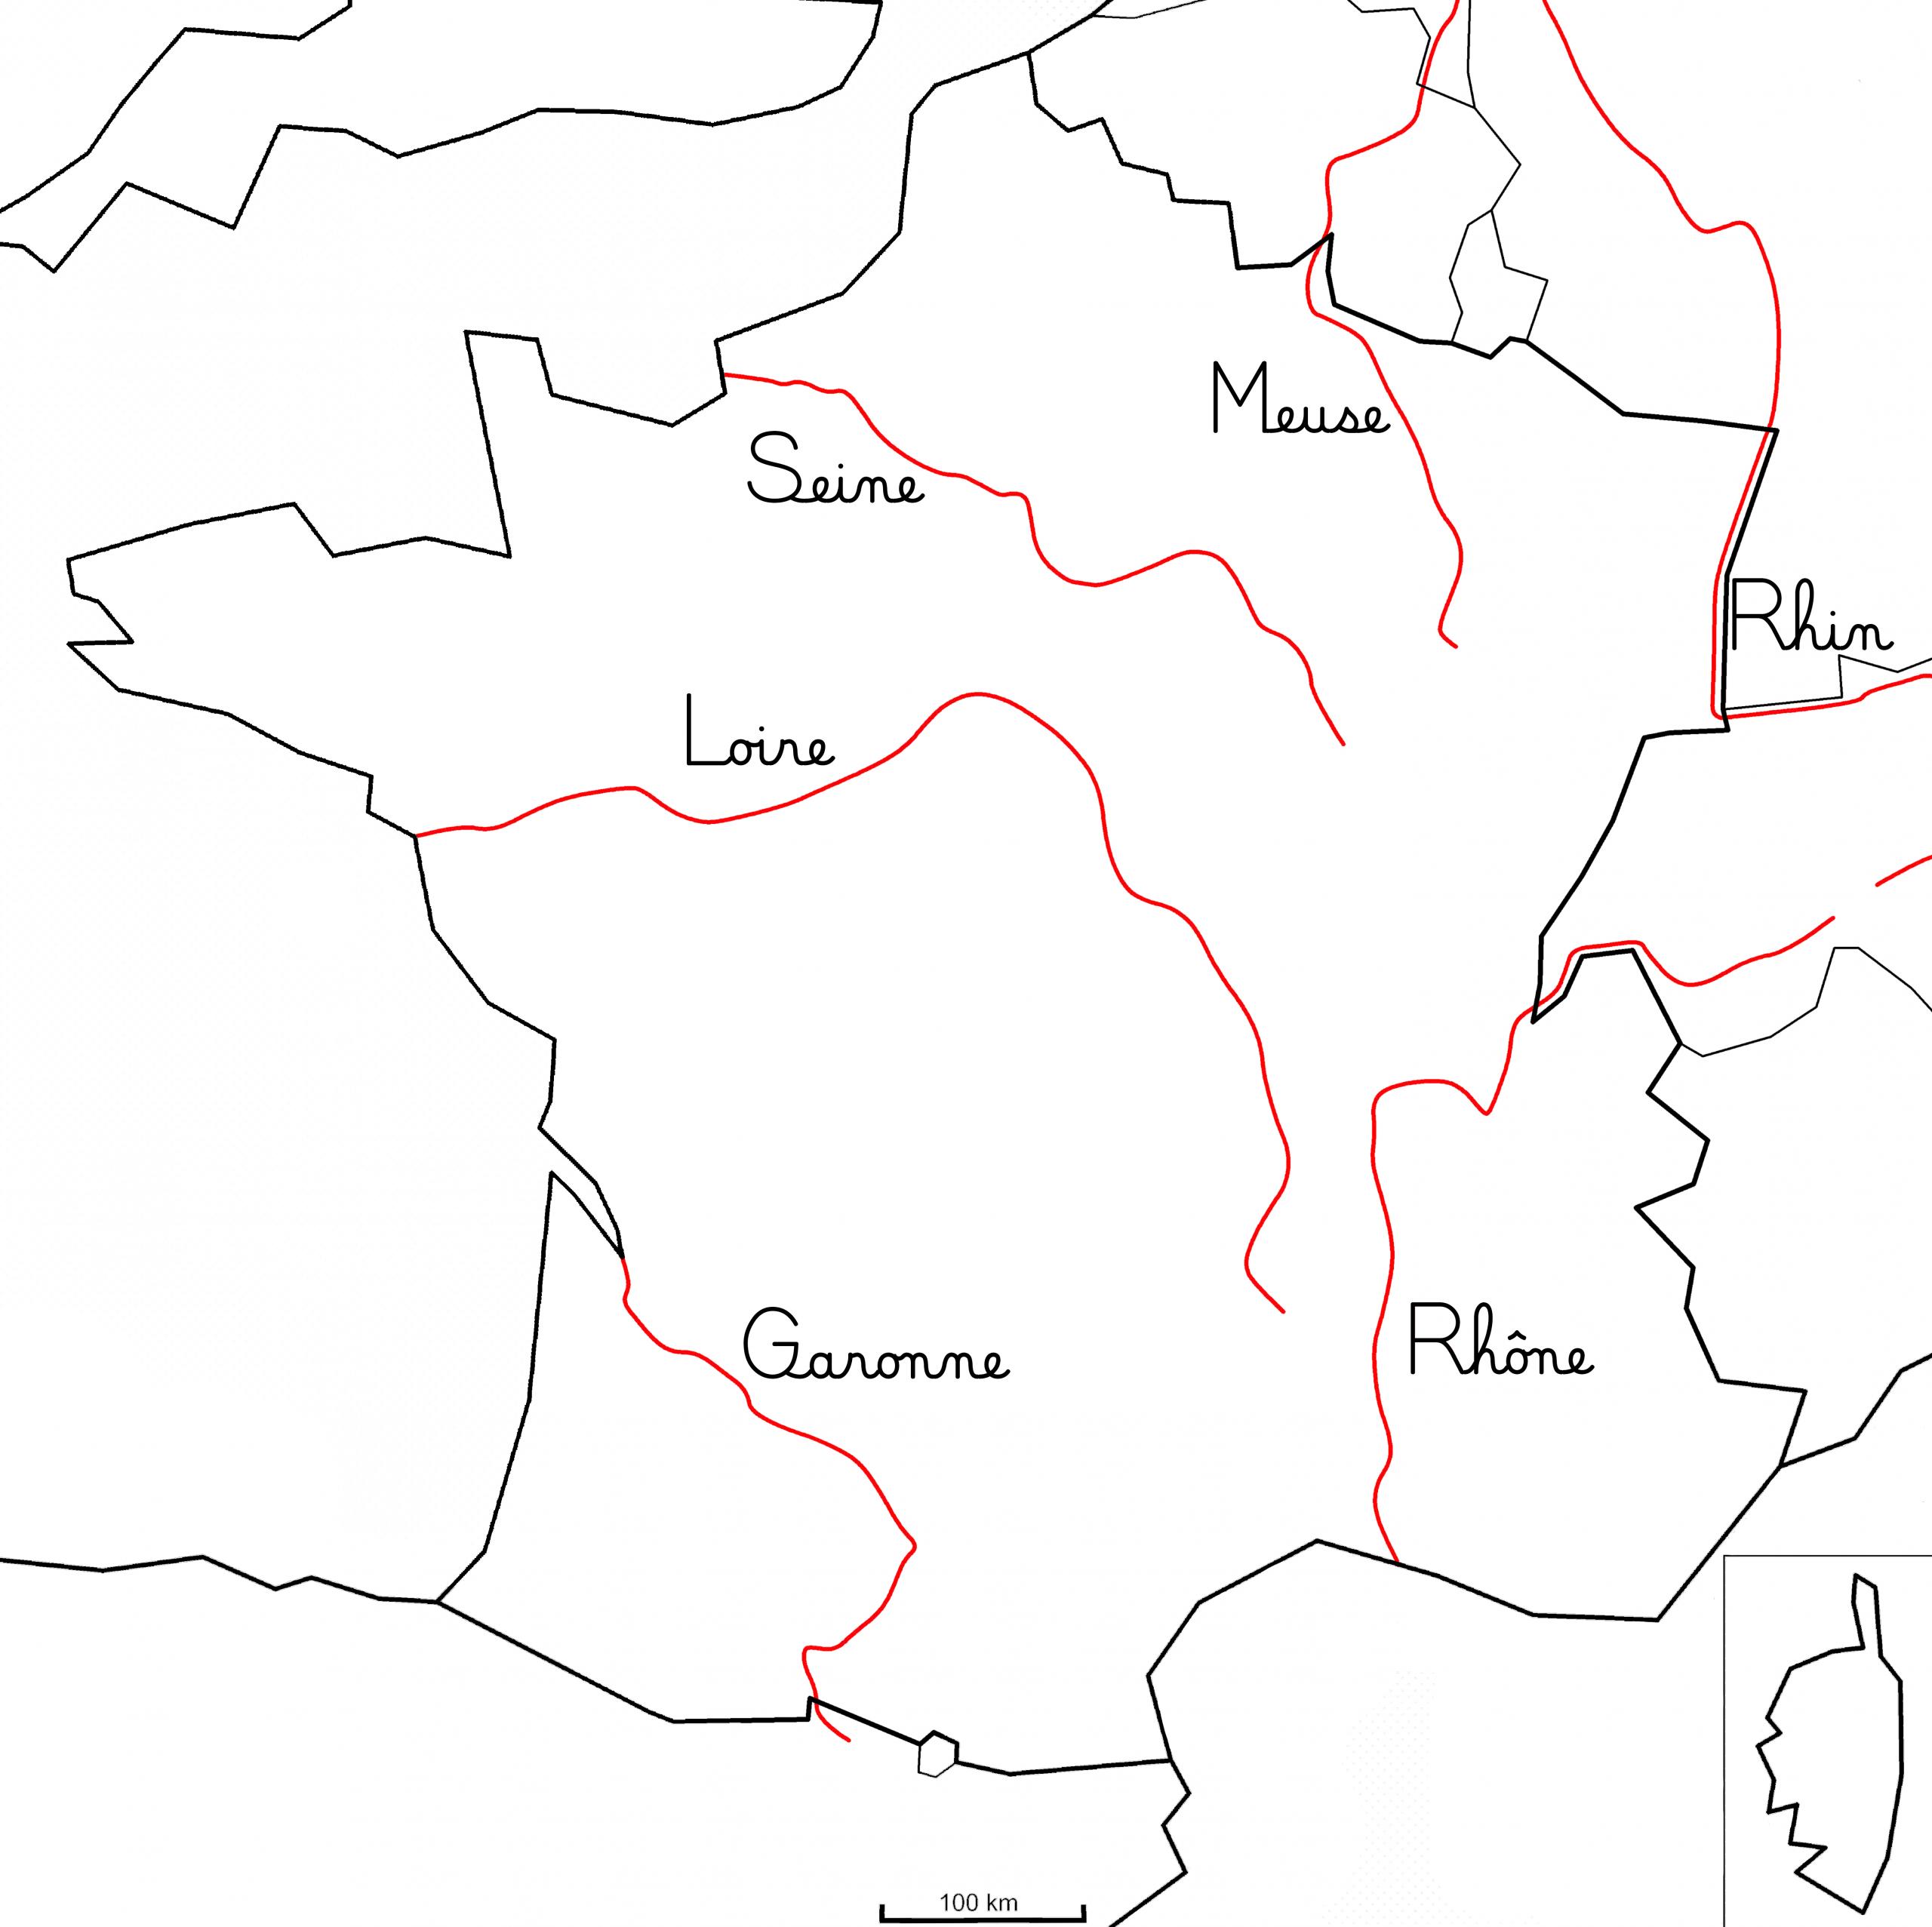 Principaux Fleuves De France » Vacances - Arts- Guides Voyages dedans Carte Des Fleuves De France